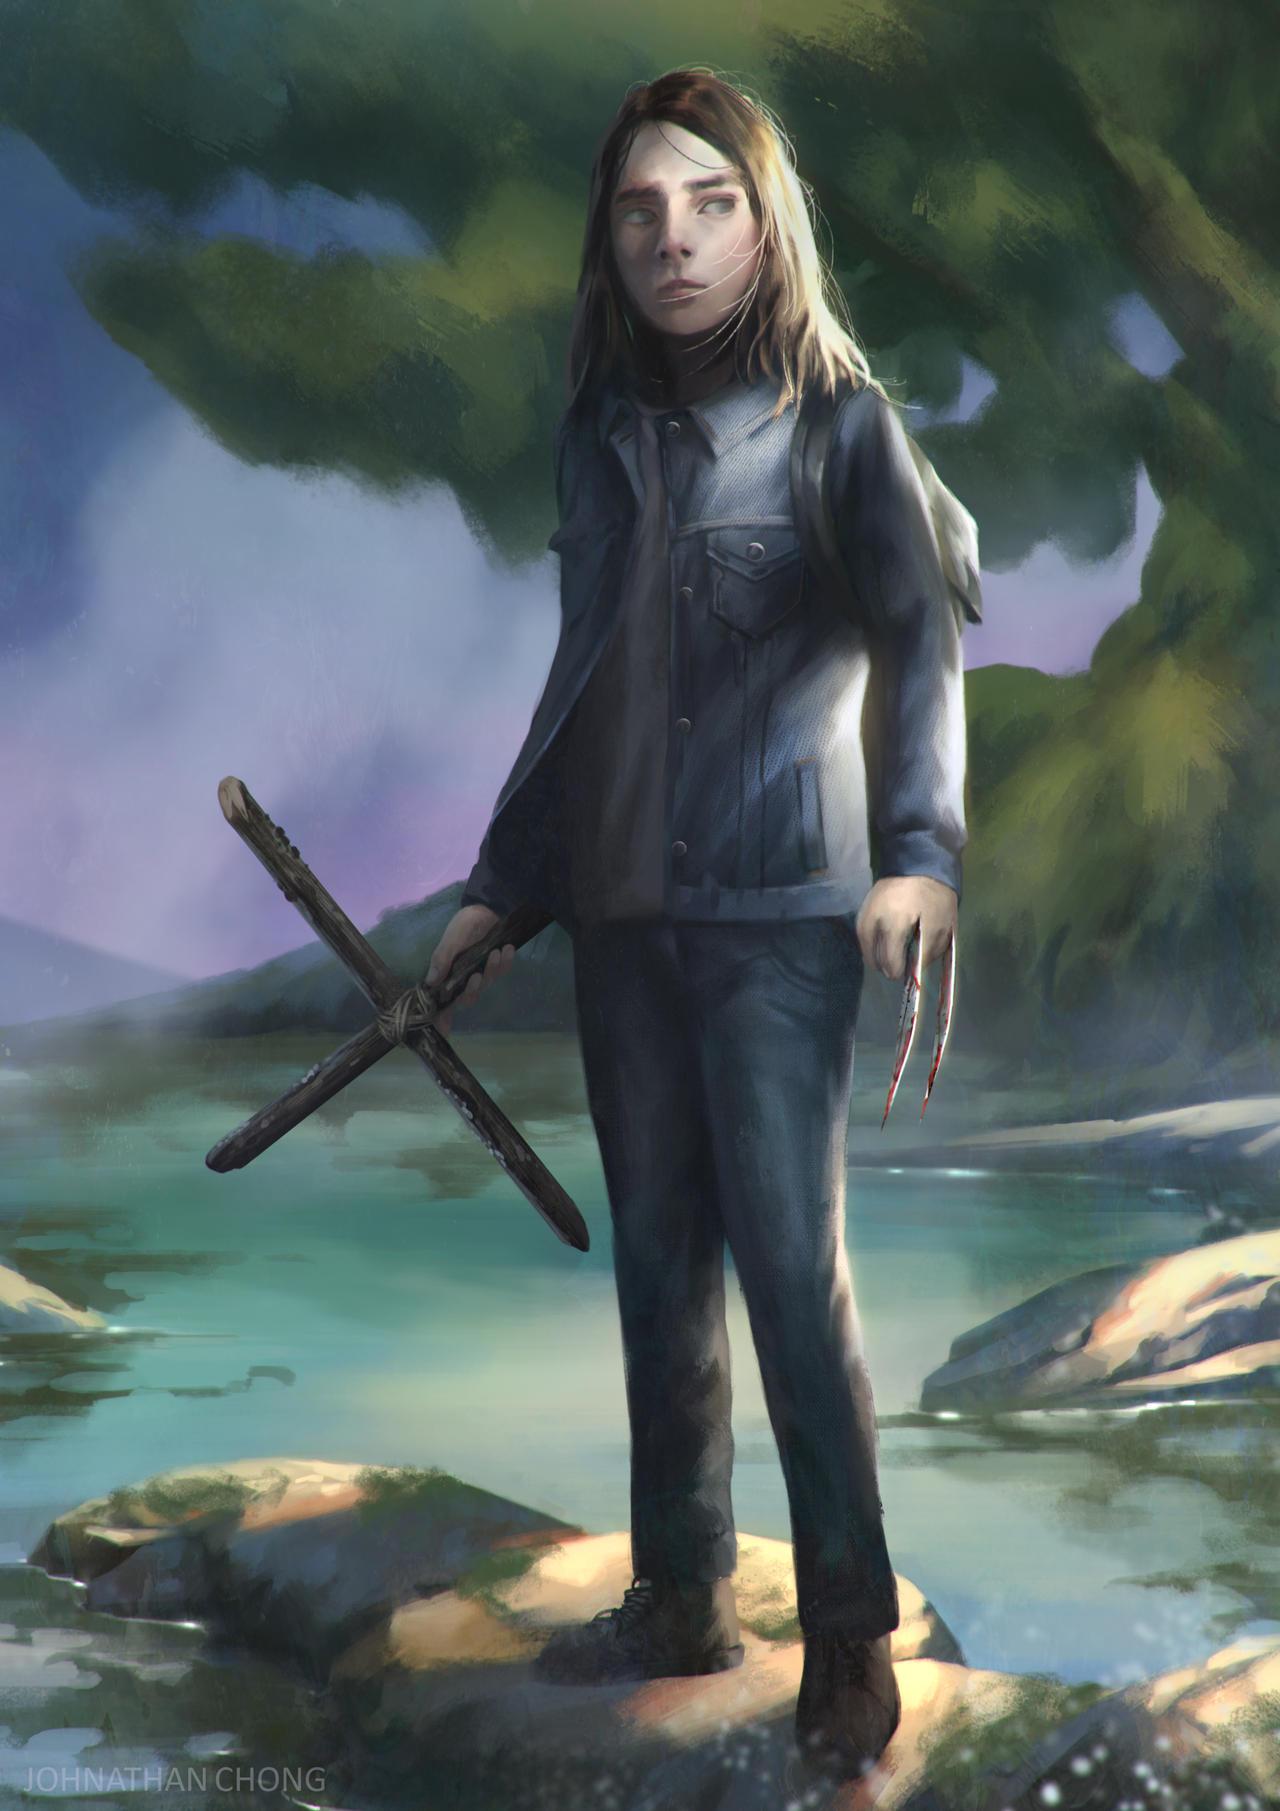 Laura by JohnathanChong